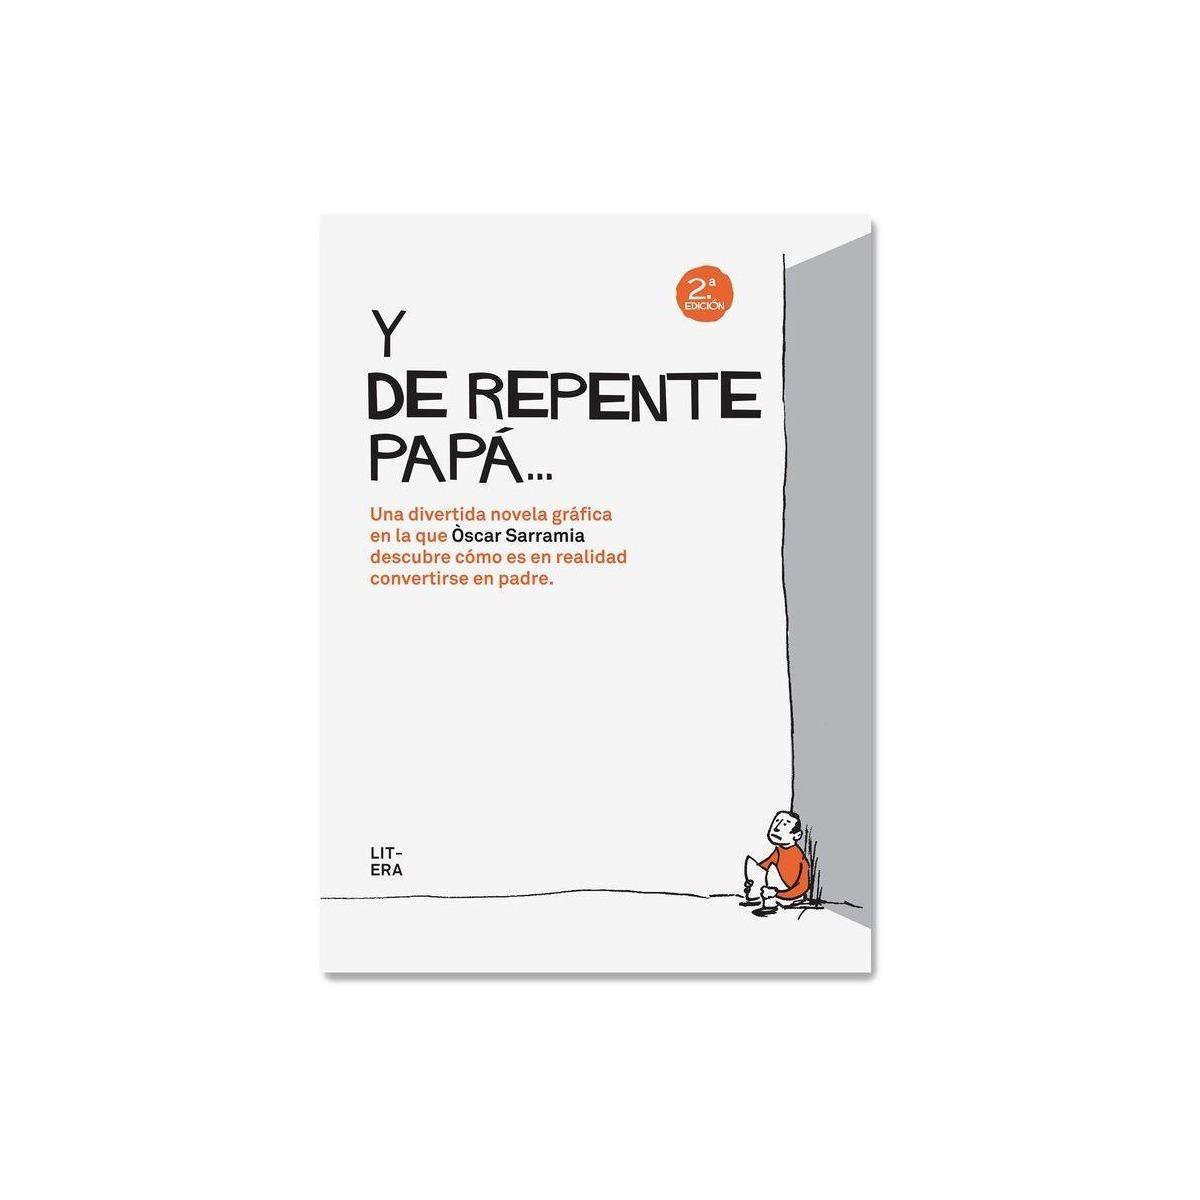 Y DE REPENTE PAPÁ